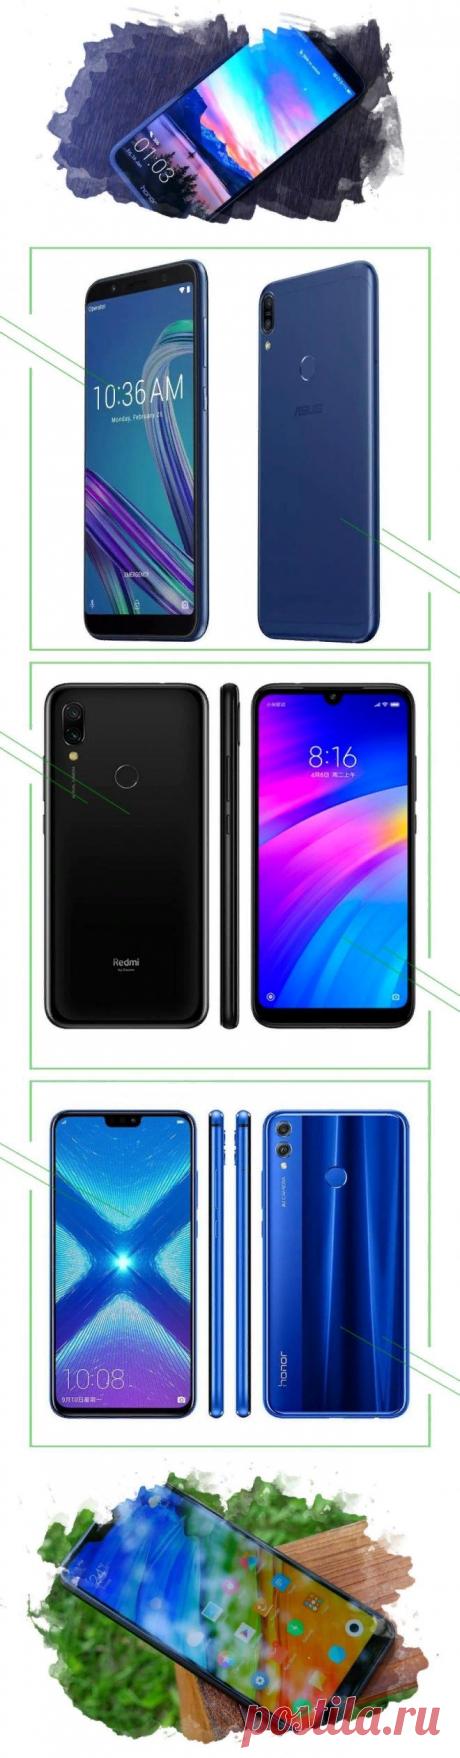 ТОП-7 лучших смартфонов до 15000 рублей 2019 года